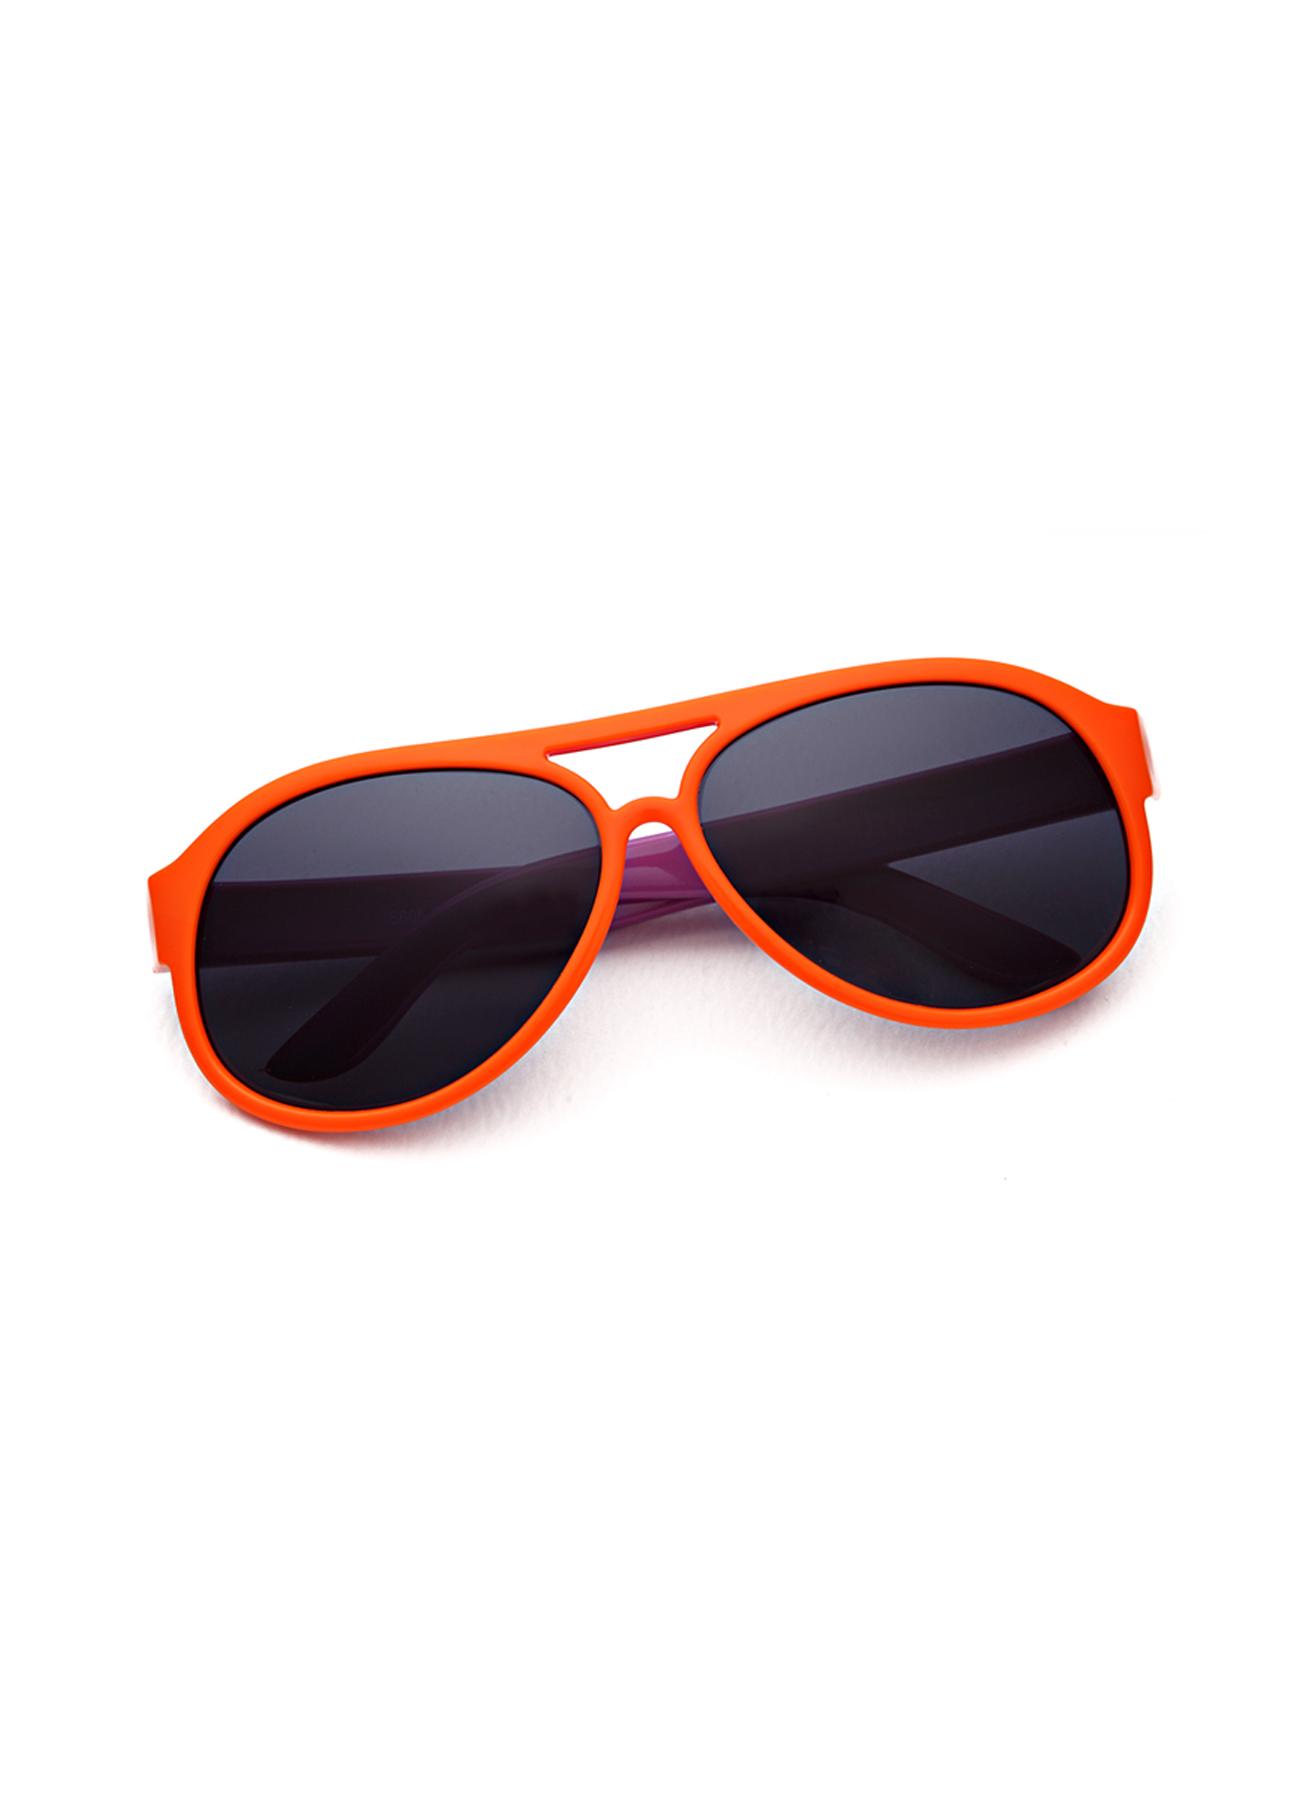 Aqua Di Polo 1987 Güneş Gözlüğü 5002314855001 Ürün Resmi